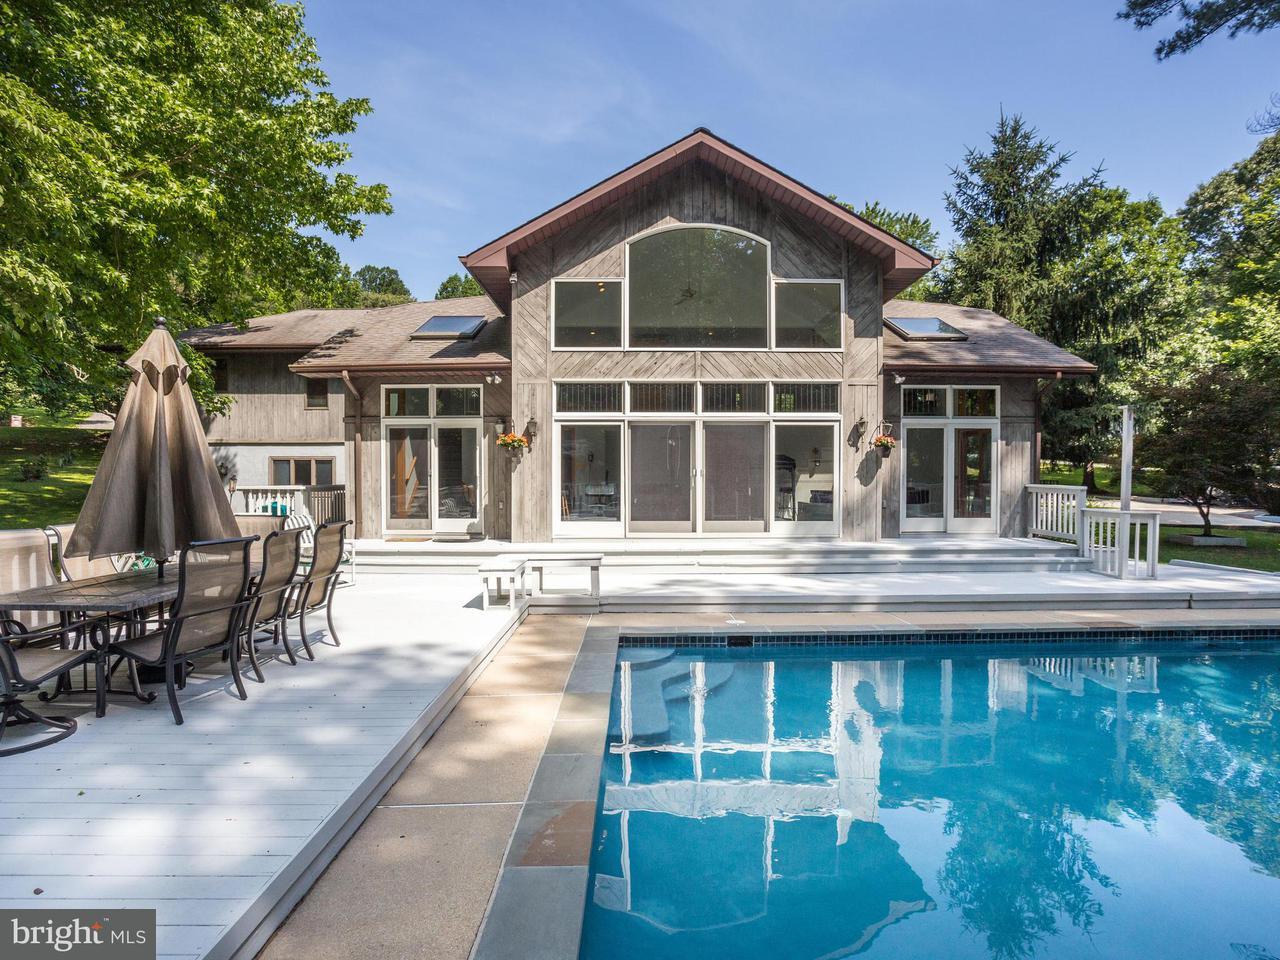 Частный односемейный дом для того Продажа на 1380 COMMODORE BARNEY Road 1380 COMMODORE BARNEY Road St. Leonard, Мэриленд 20685 Соединенные Штаты